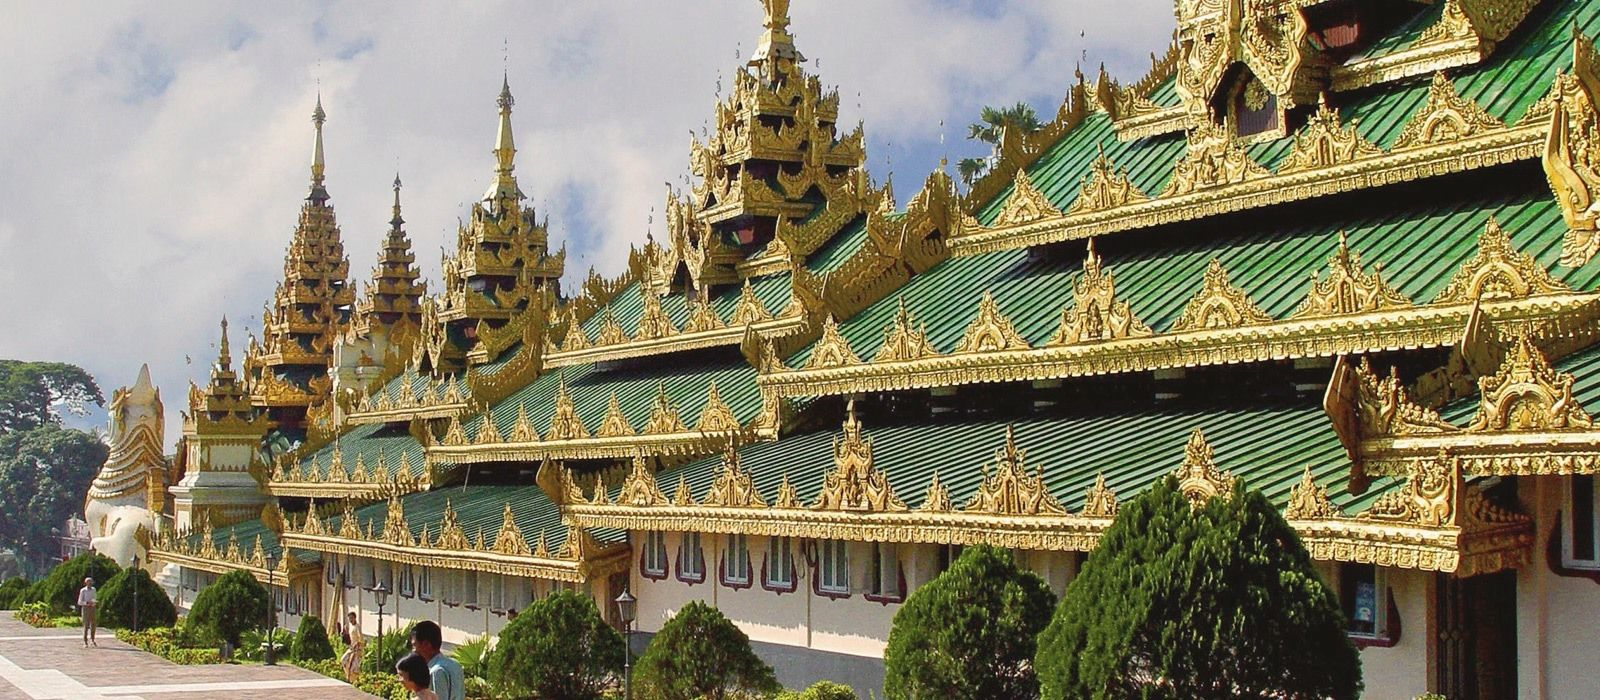 Destination Yangon Myanmar